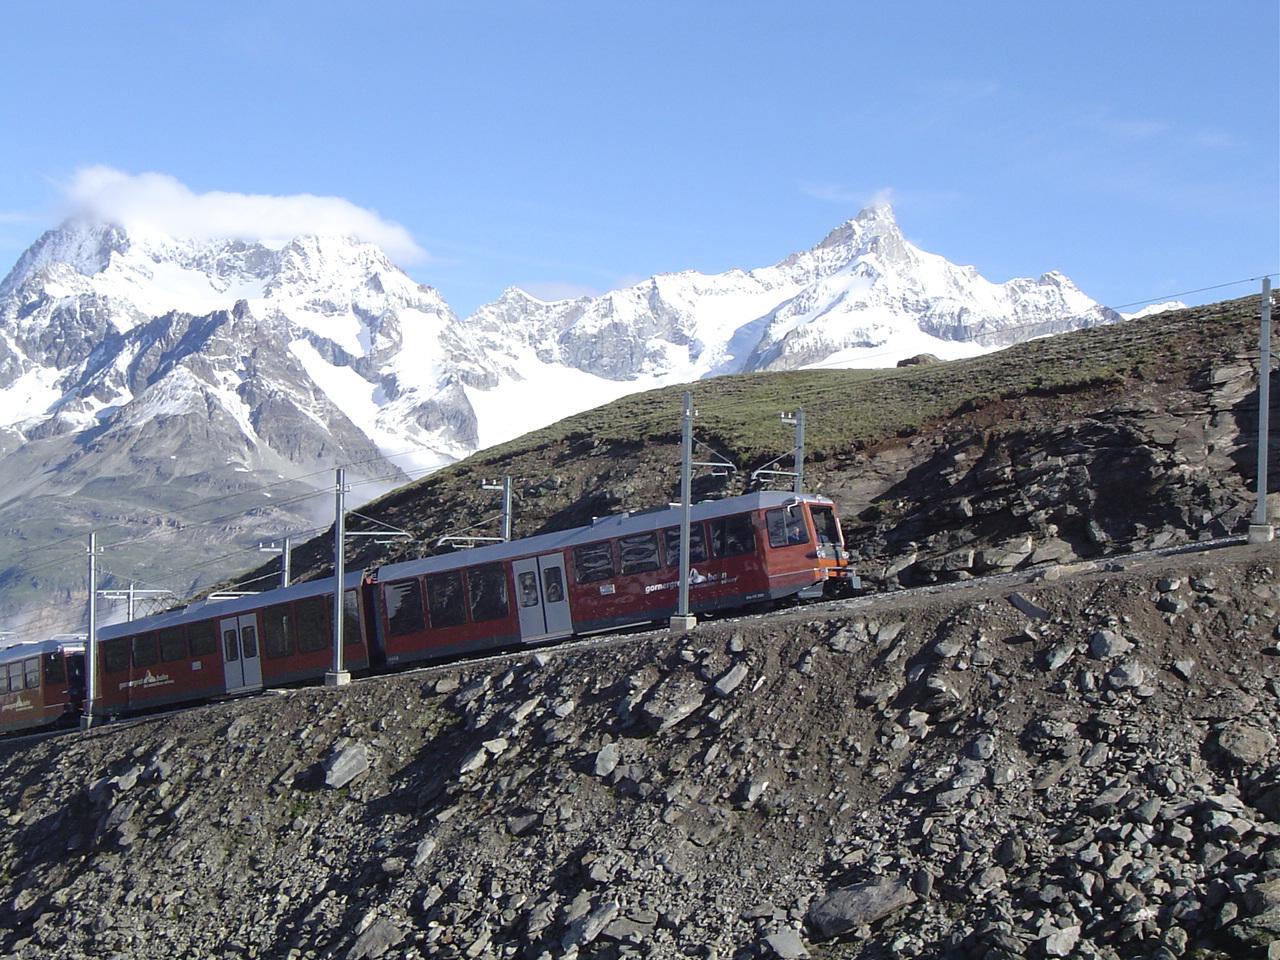 スイス・ツェルマットで高山植物を見ながらハイキングを楽しむ